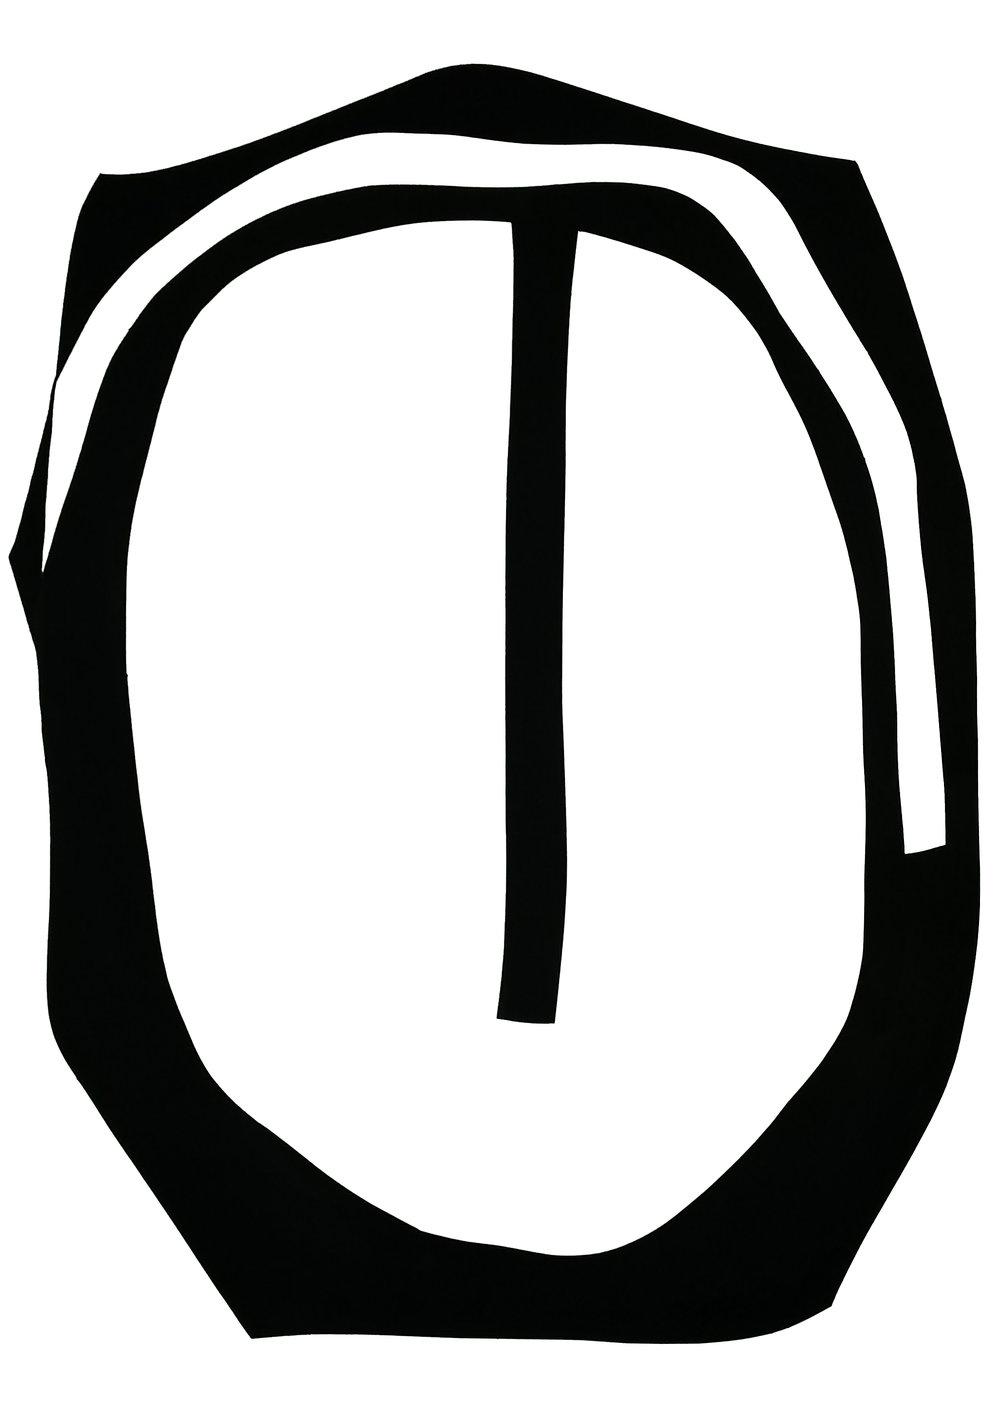 Round head 2